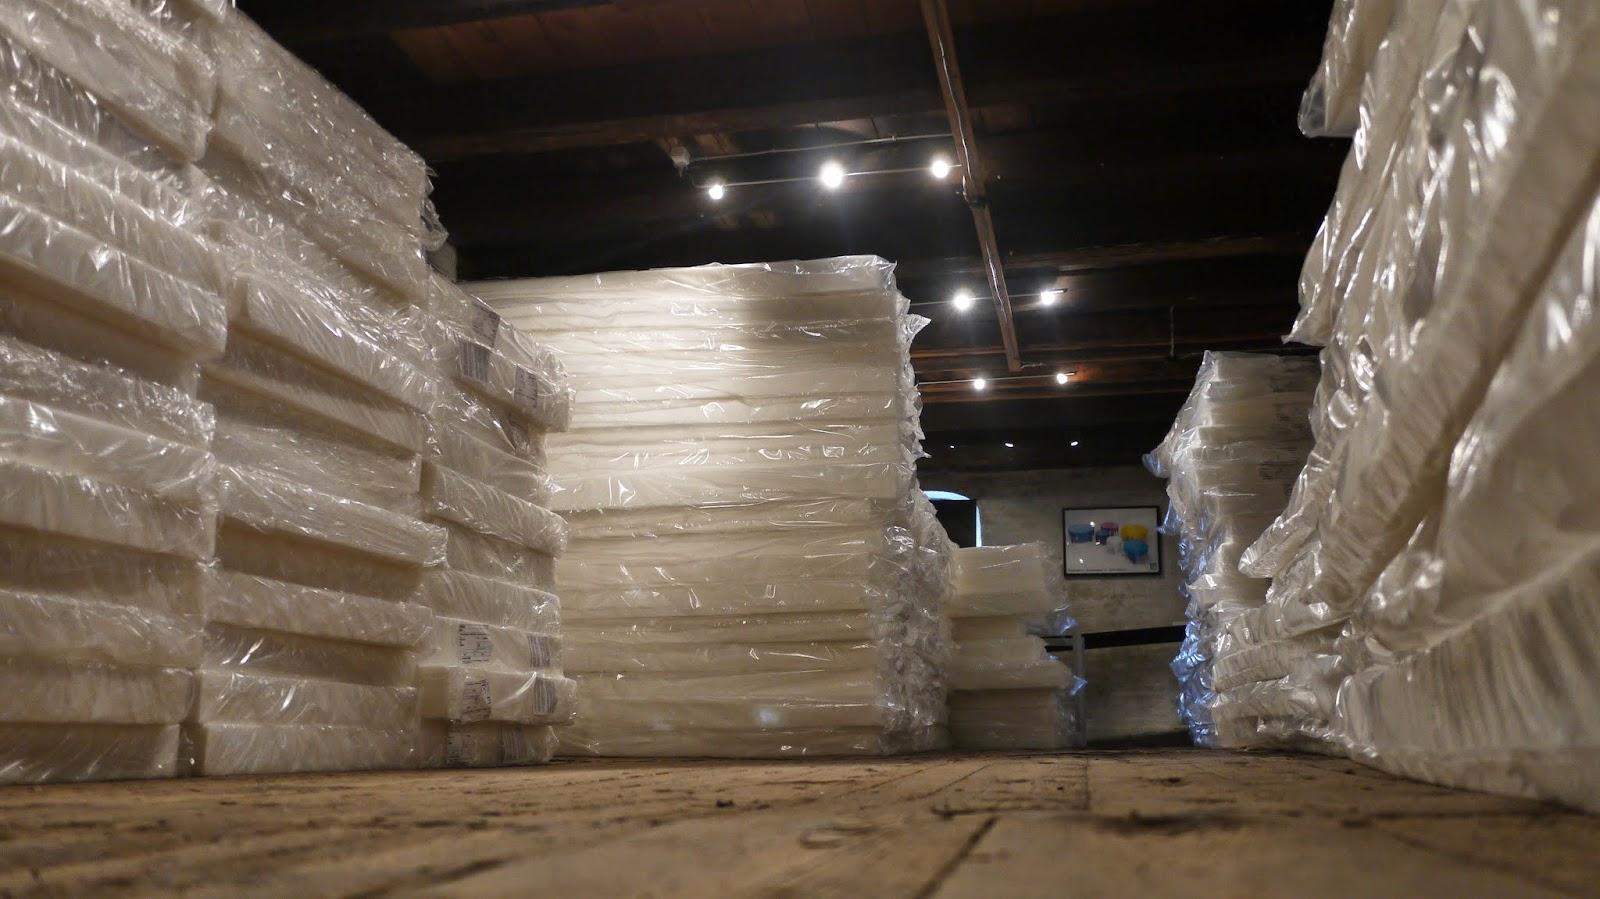 www.skumhuset.dk koldskum pallemadrasser madrasser skumgummi senge junoseng junomadras Kvadrat uldstog betræk systue